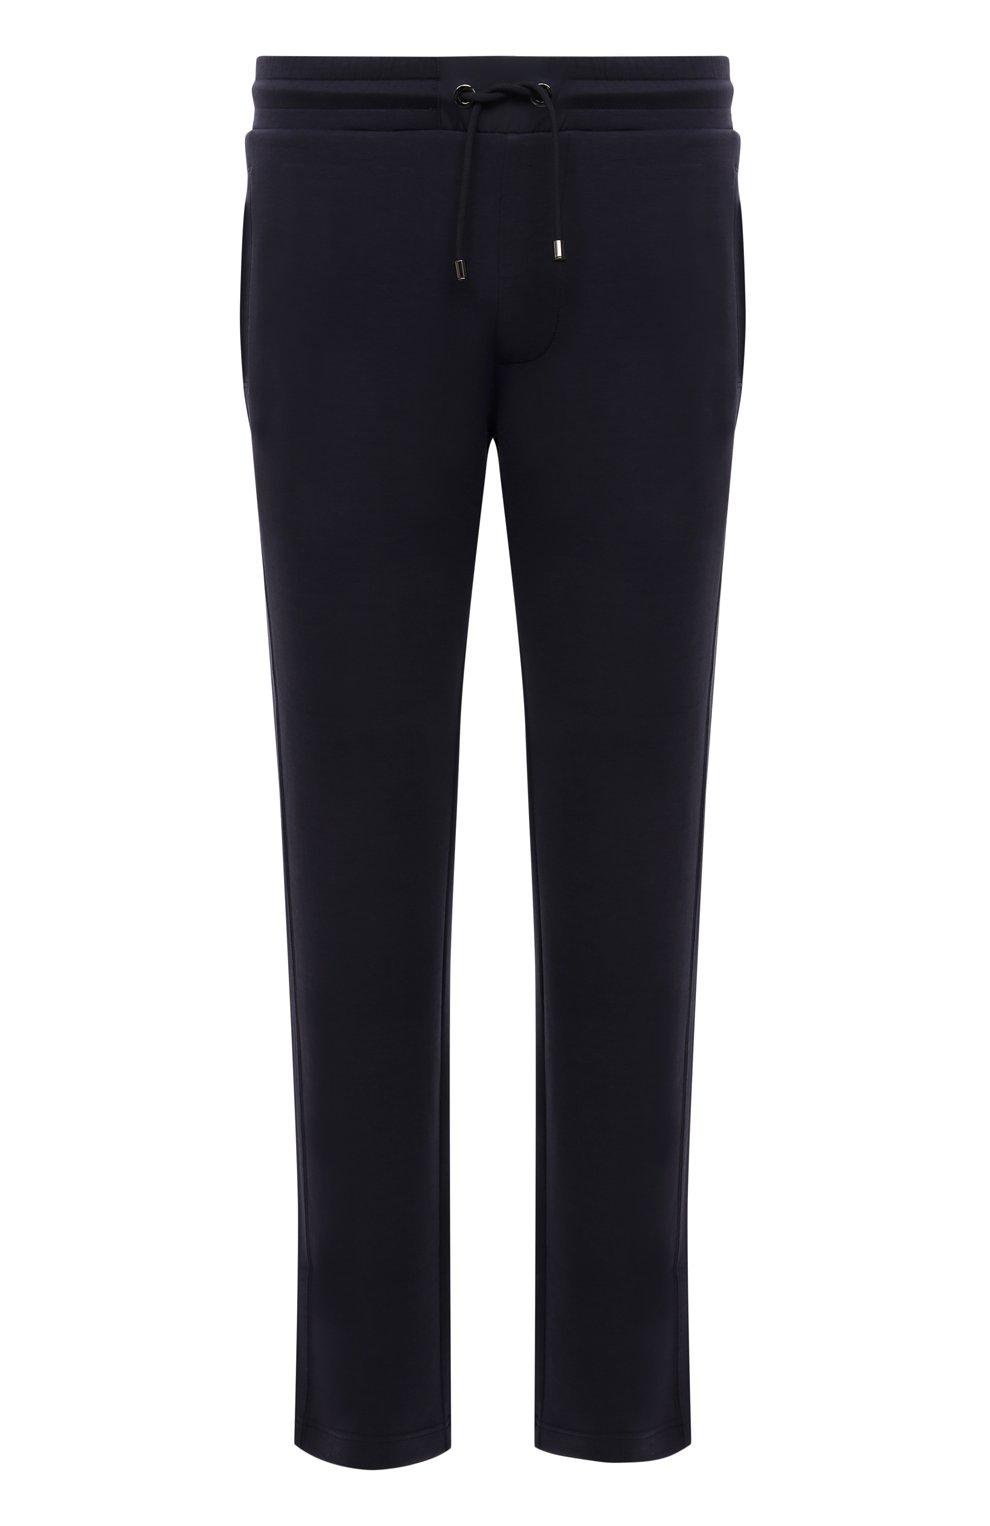 Мужские брюки BOGNER темно-синего цвета, арт. 18755253   Фото 1 (Мужское Кросс-КТ: Брюки-трикотаж; Длина (брюки, джинсы): Стандартные; Случай: Повседневный; Кросс-КТ: Спорт; Материал внешний: Синтетический материал, Хлопок; Стили: Спорт-шик, Кэжуэл)